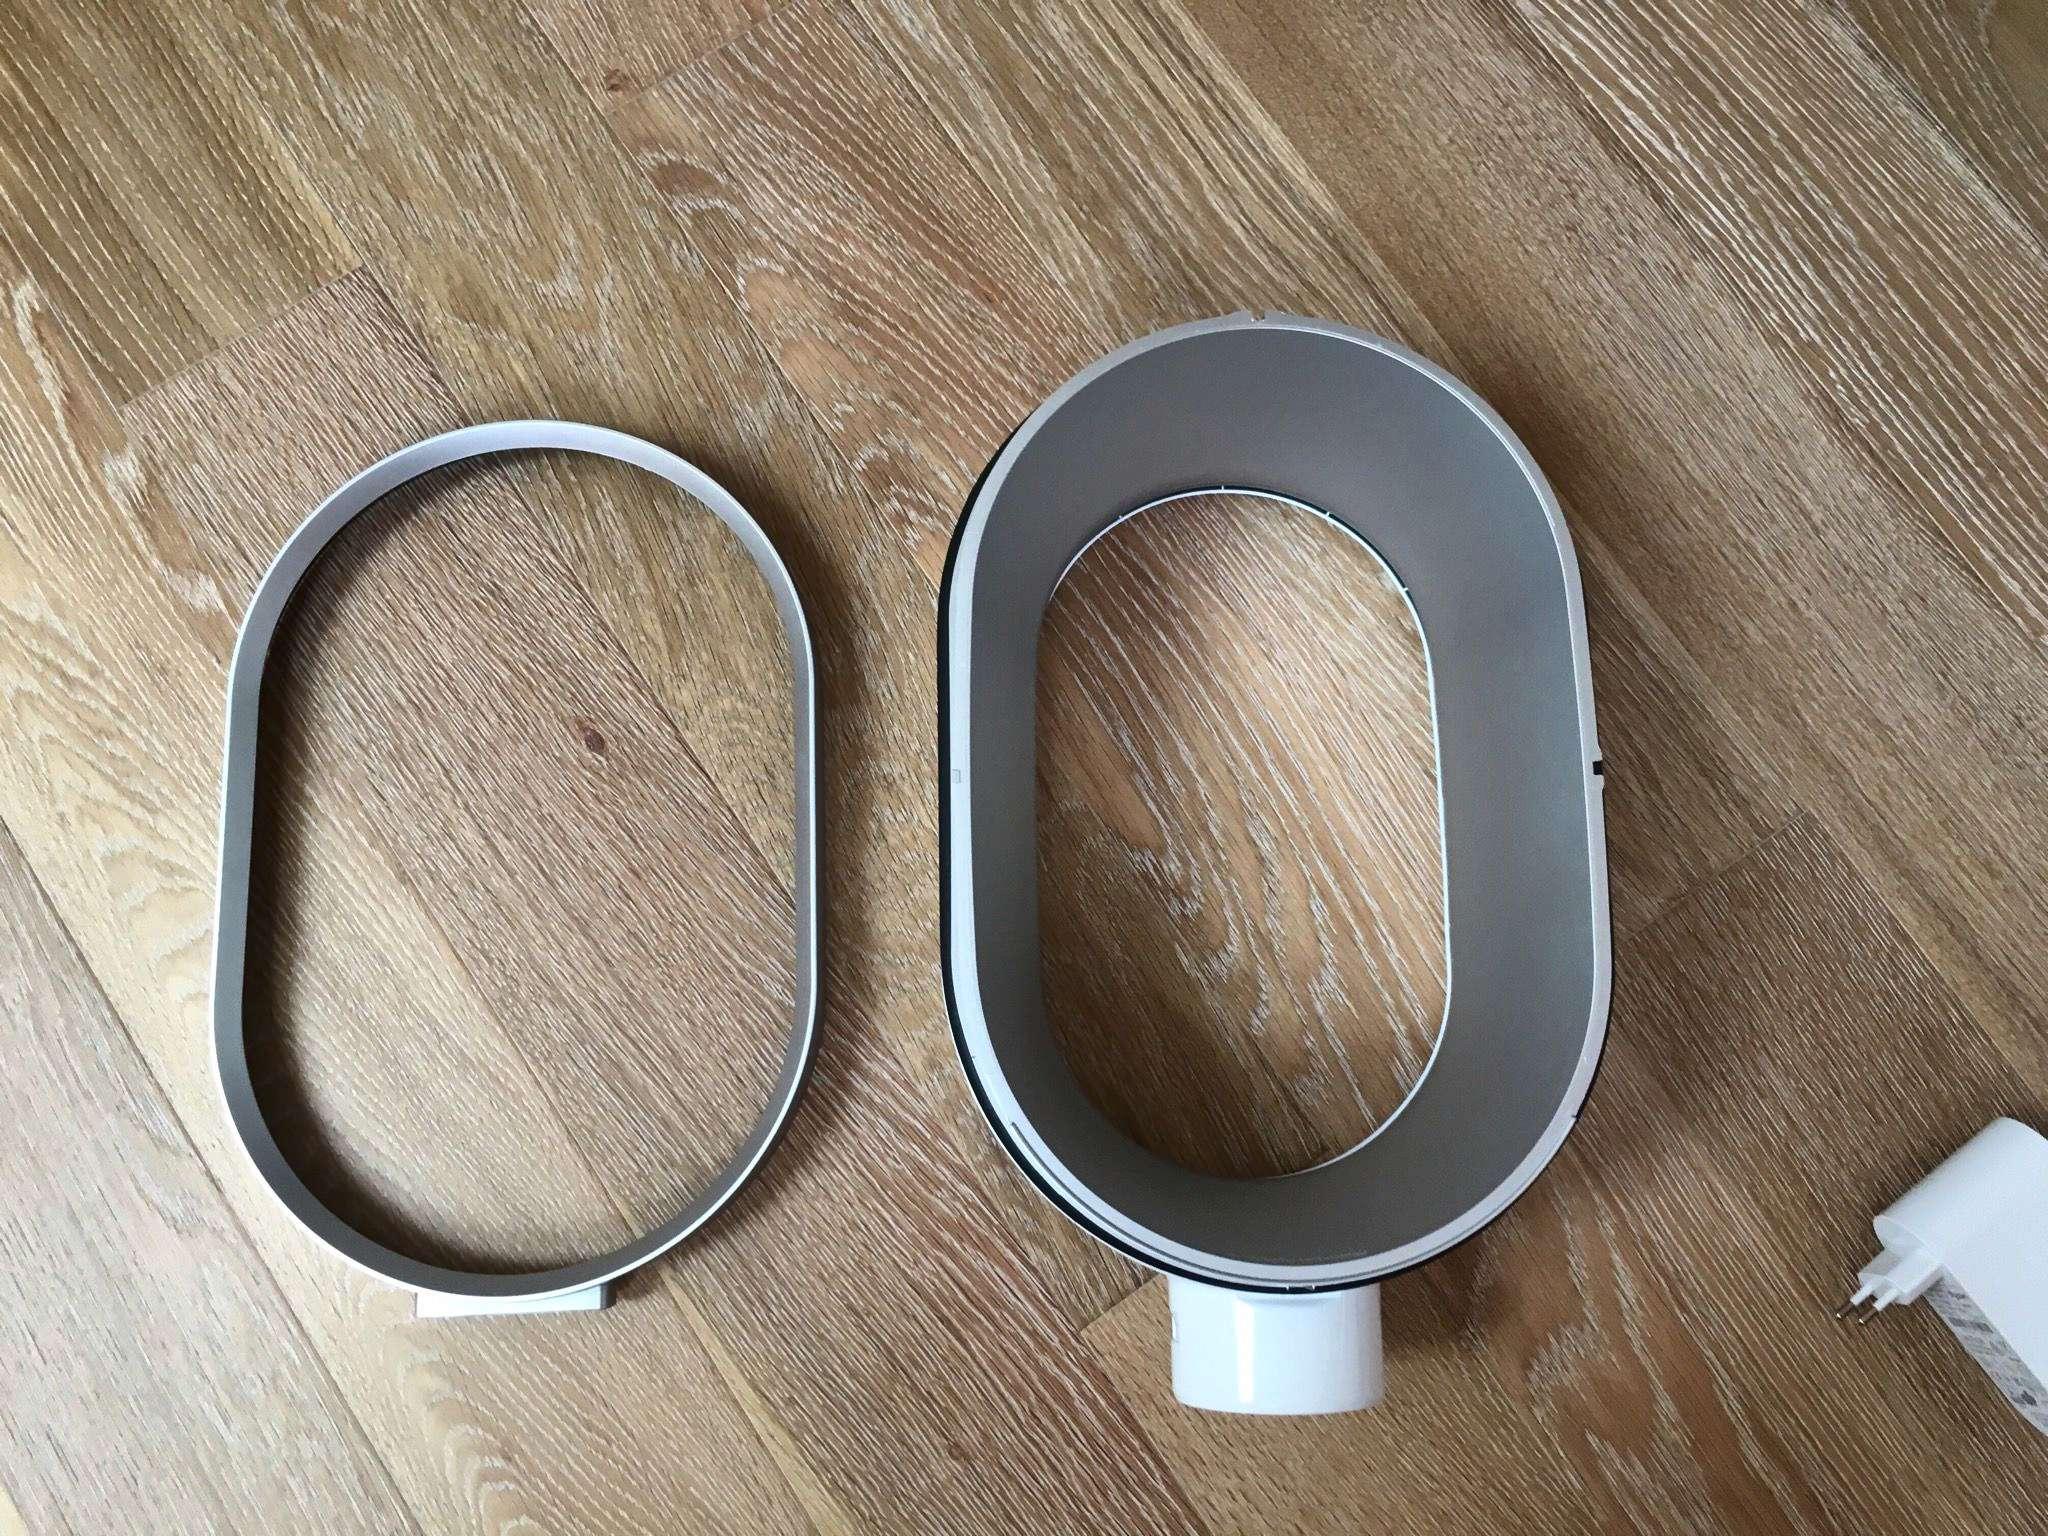 Dyson am10 manual пылесос дайсон фото и цены